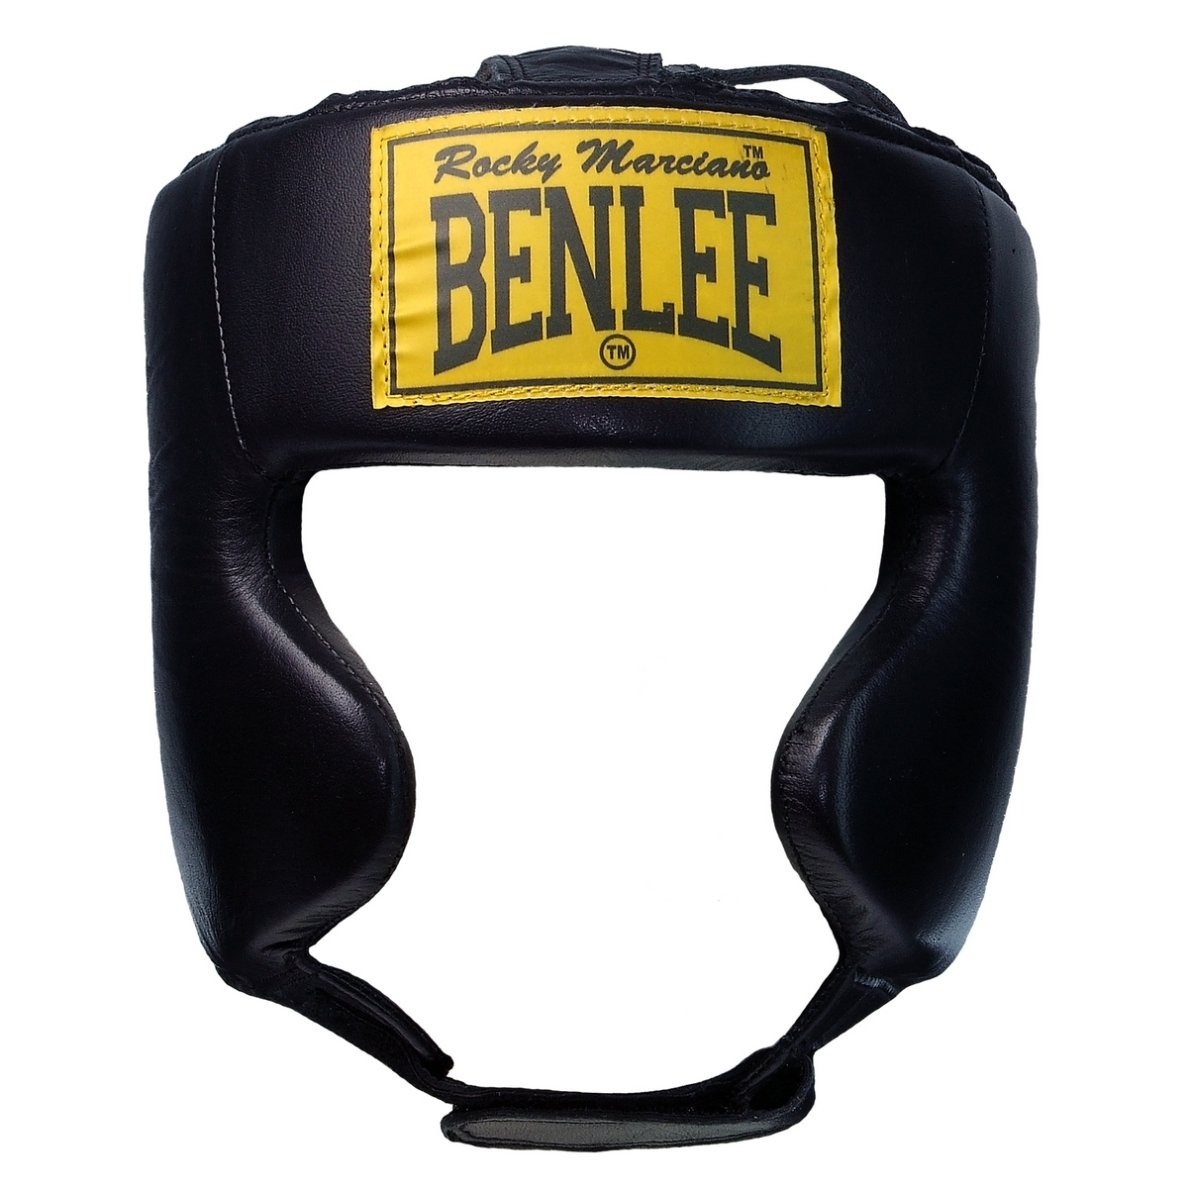 BENLEE Rocky Marciano Headguard Tyson Ben Lee 196012